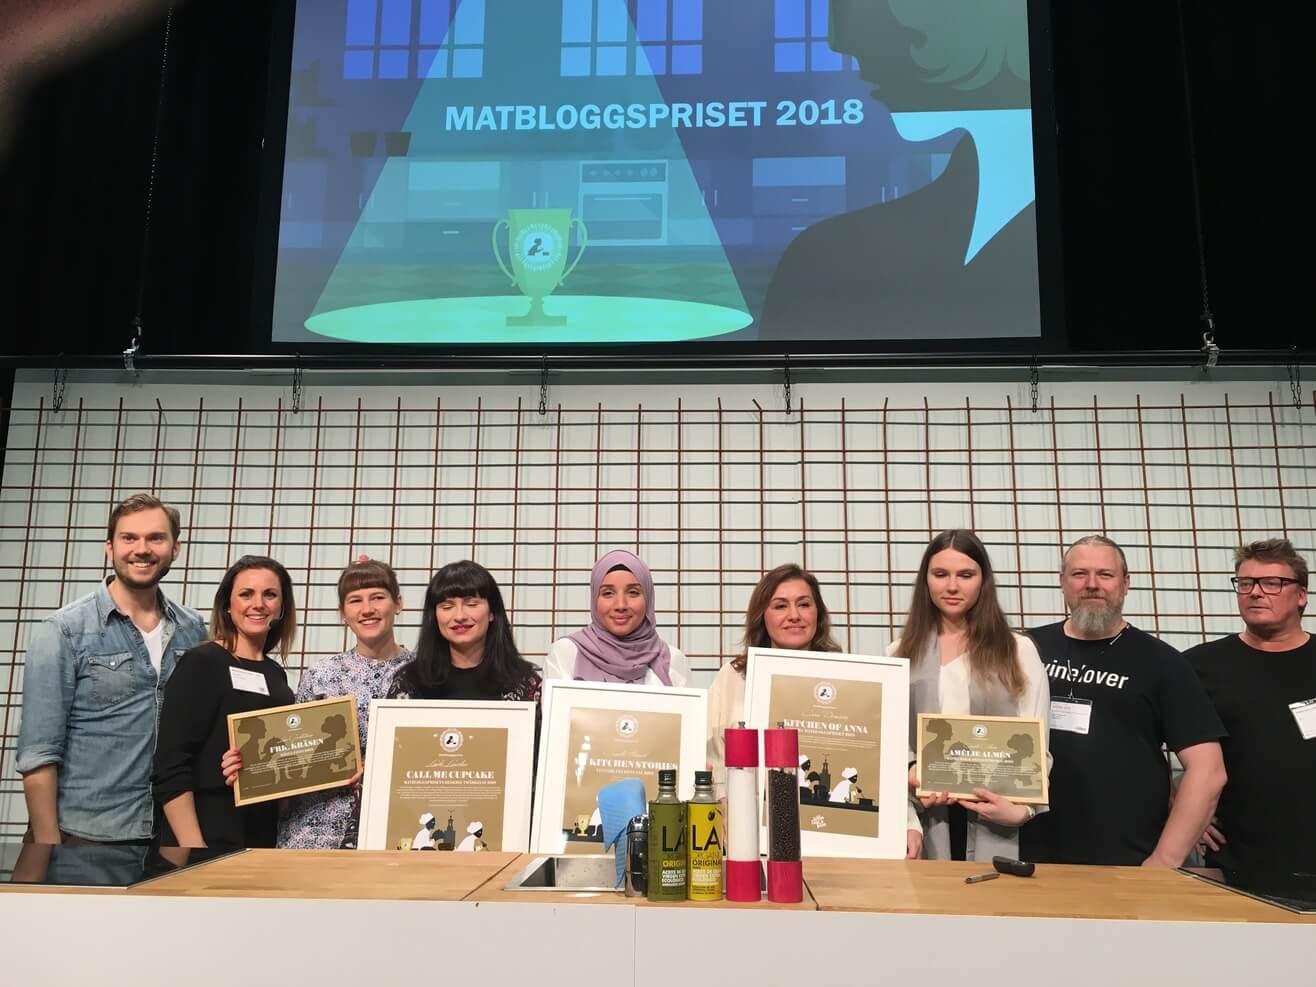 Matbloggspriset 2018 – här är samtliga vinnare